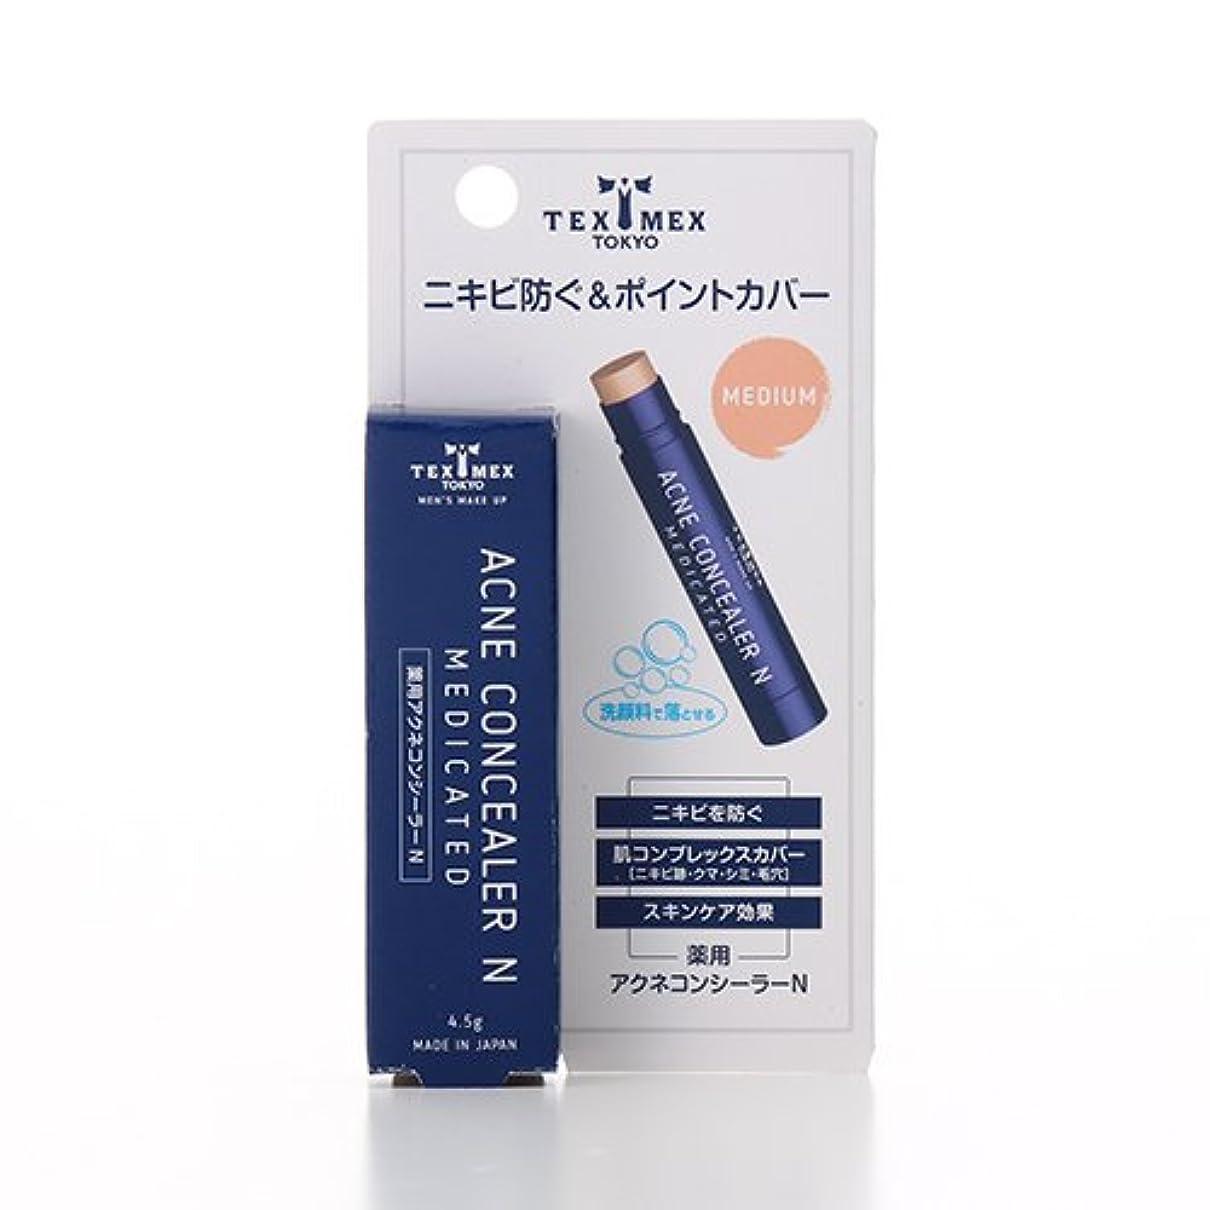 コットンコークス遊具テックスメックス 薬用アクネコンシーラーN ミディアム 4.5g (医薬部外品)